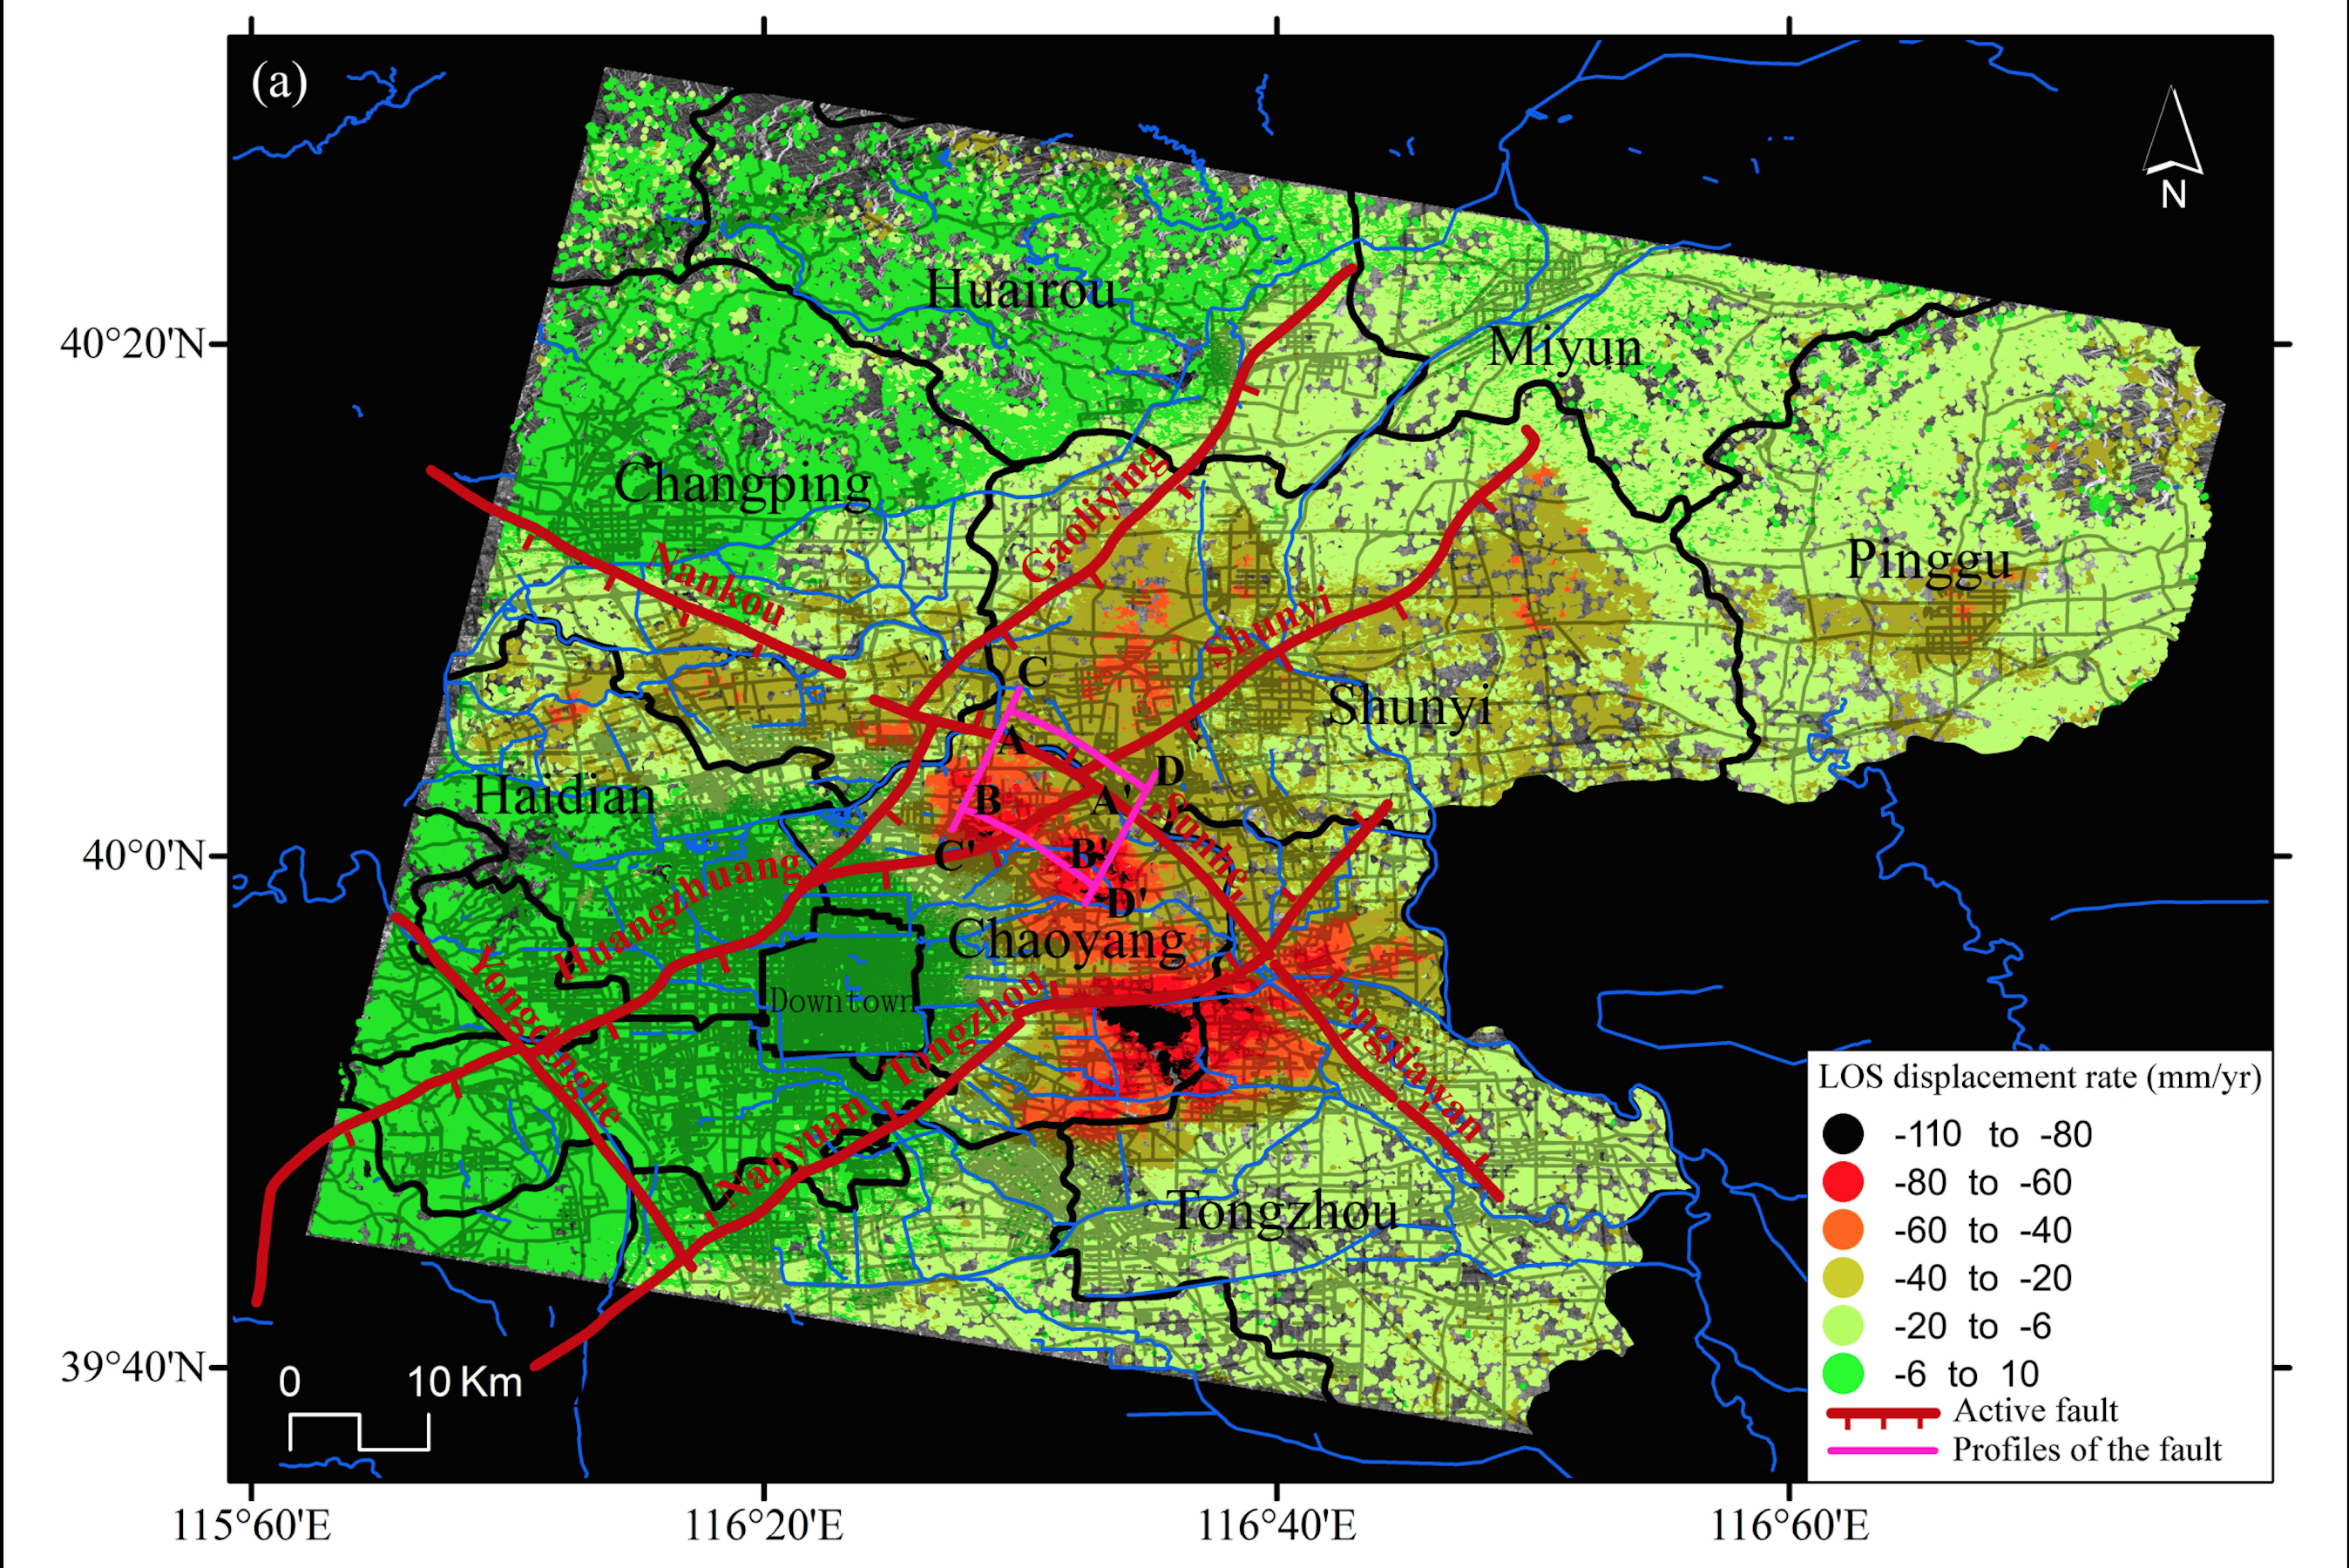 雷達圖顯示,北京土地沉降嚴重,當中以商業中心朝陽區最為突出。(《遙視》圖片)